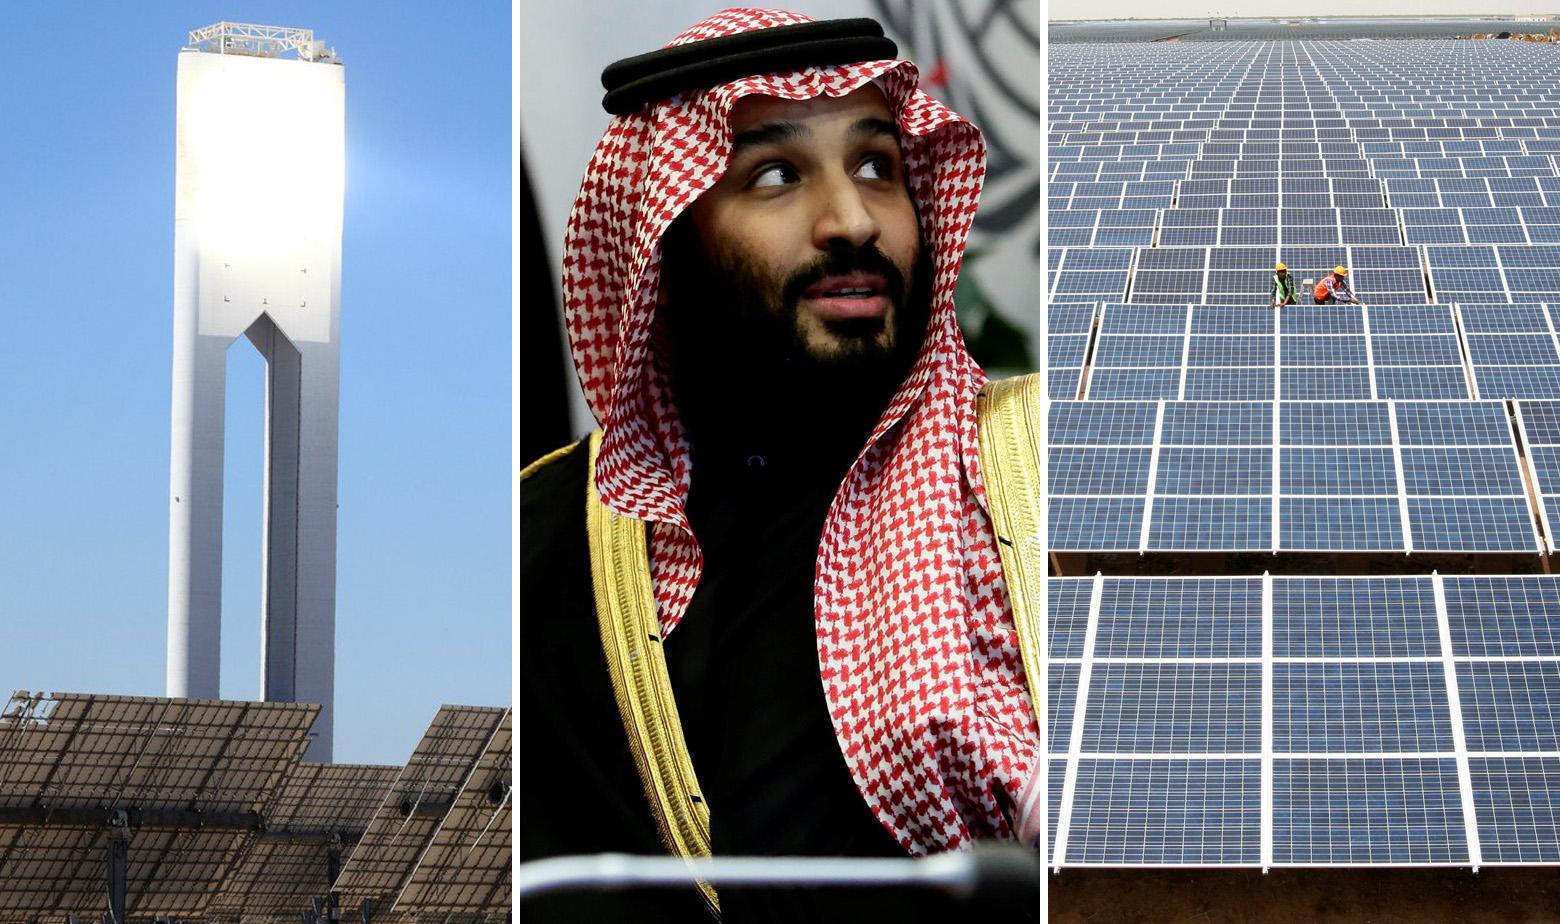 Solarni tornanj u Španjolskoj, saudijski princ Mohamed bin Salman i solarna farma u Indiji